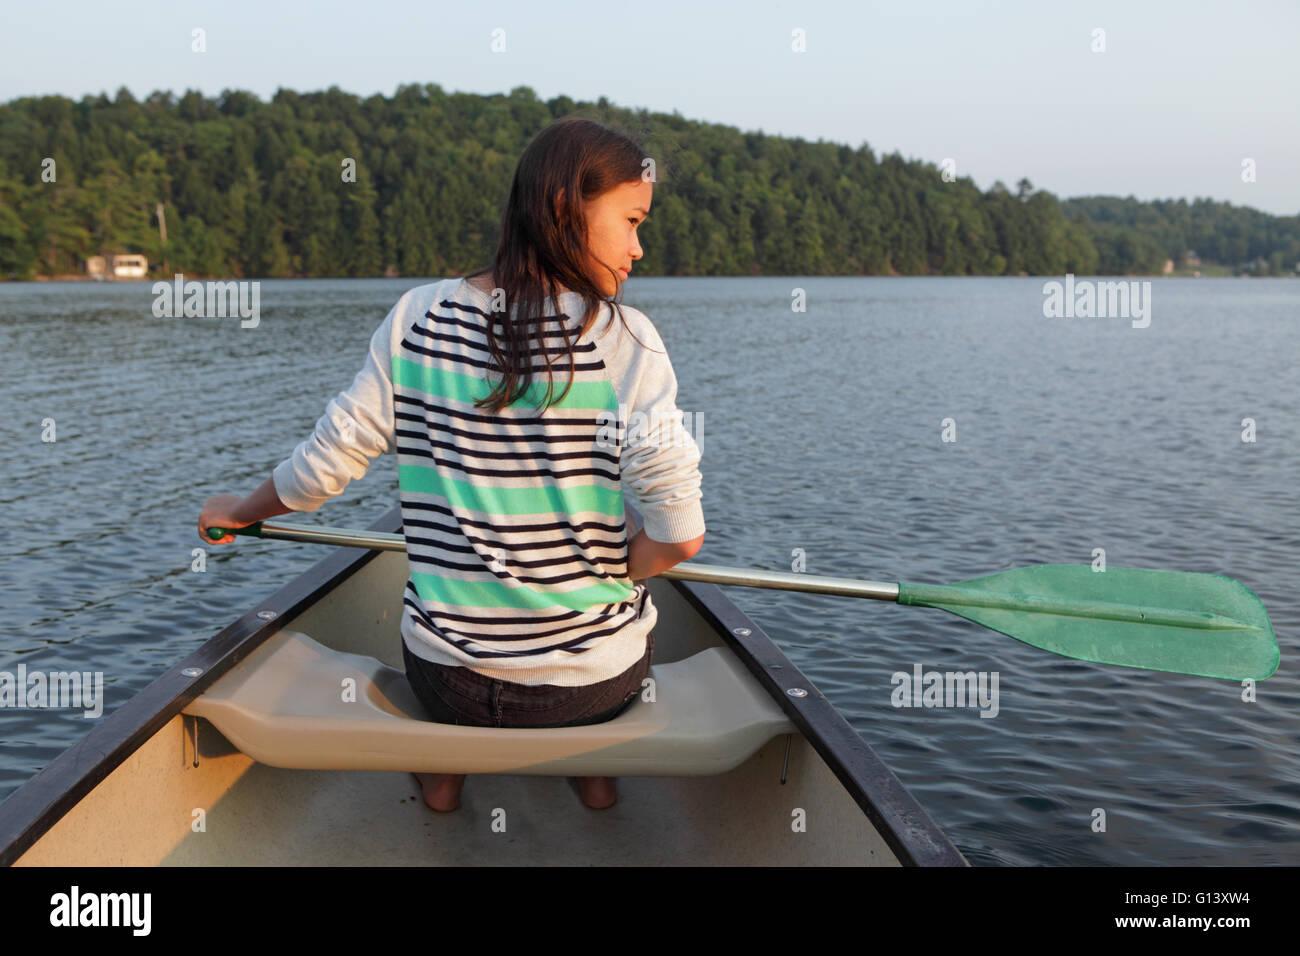 Jeune fille de canots sur un lac calme dans l'ouest de New York à l'été Photo Stock